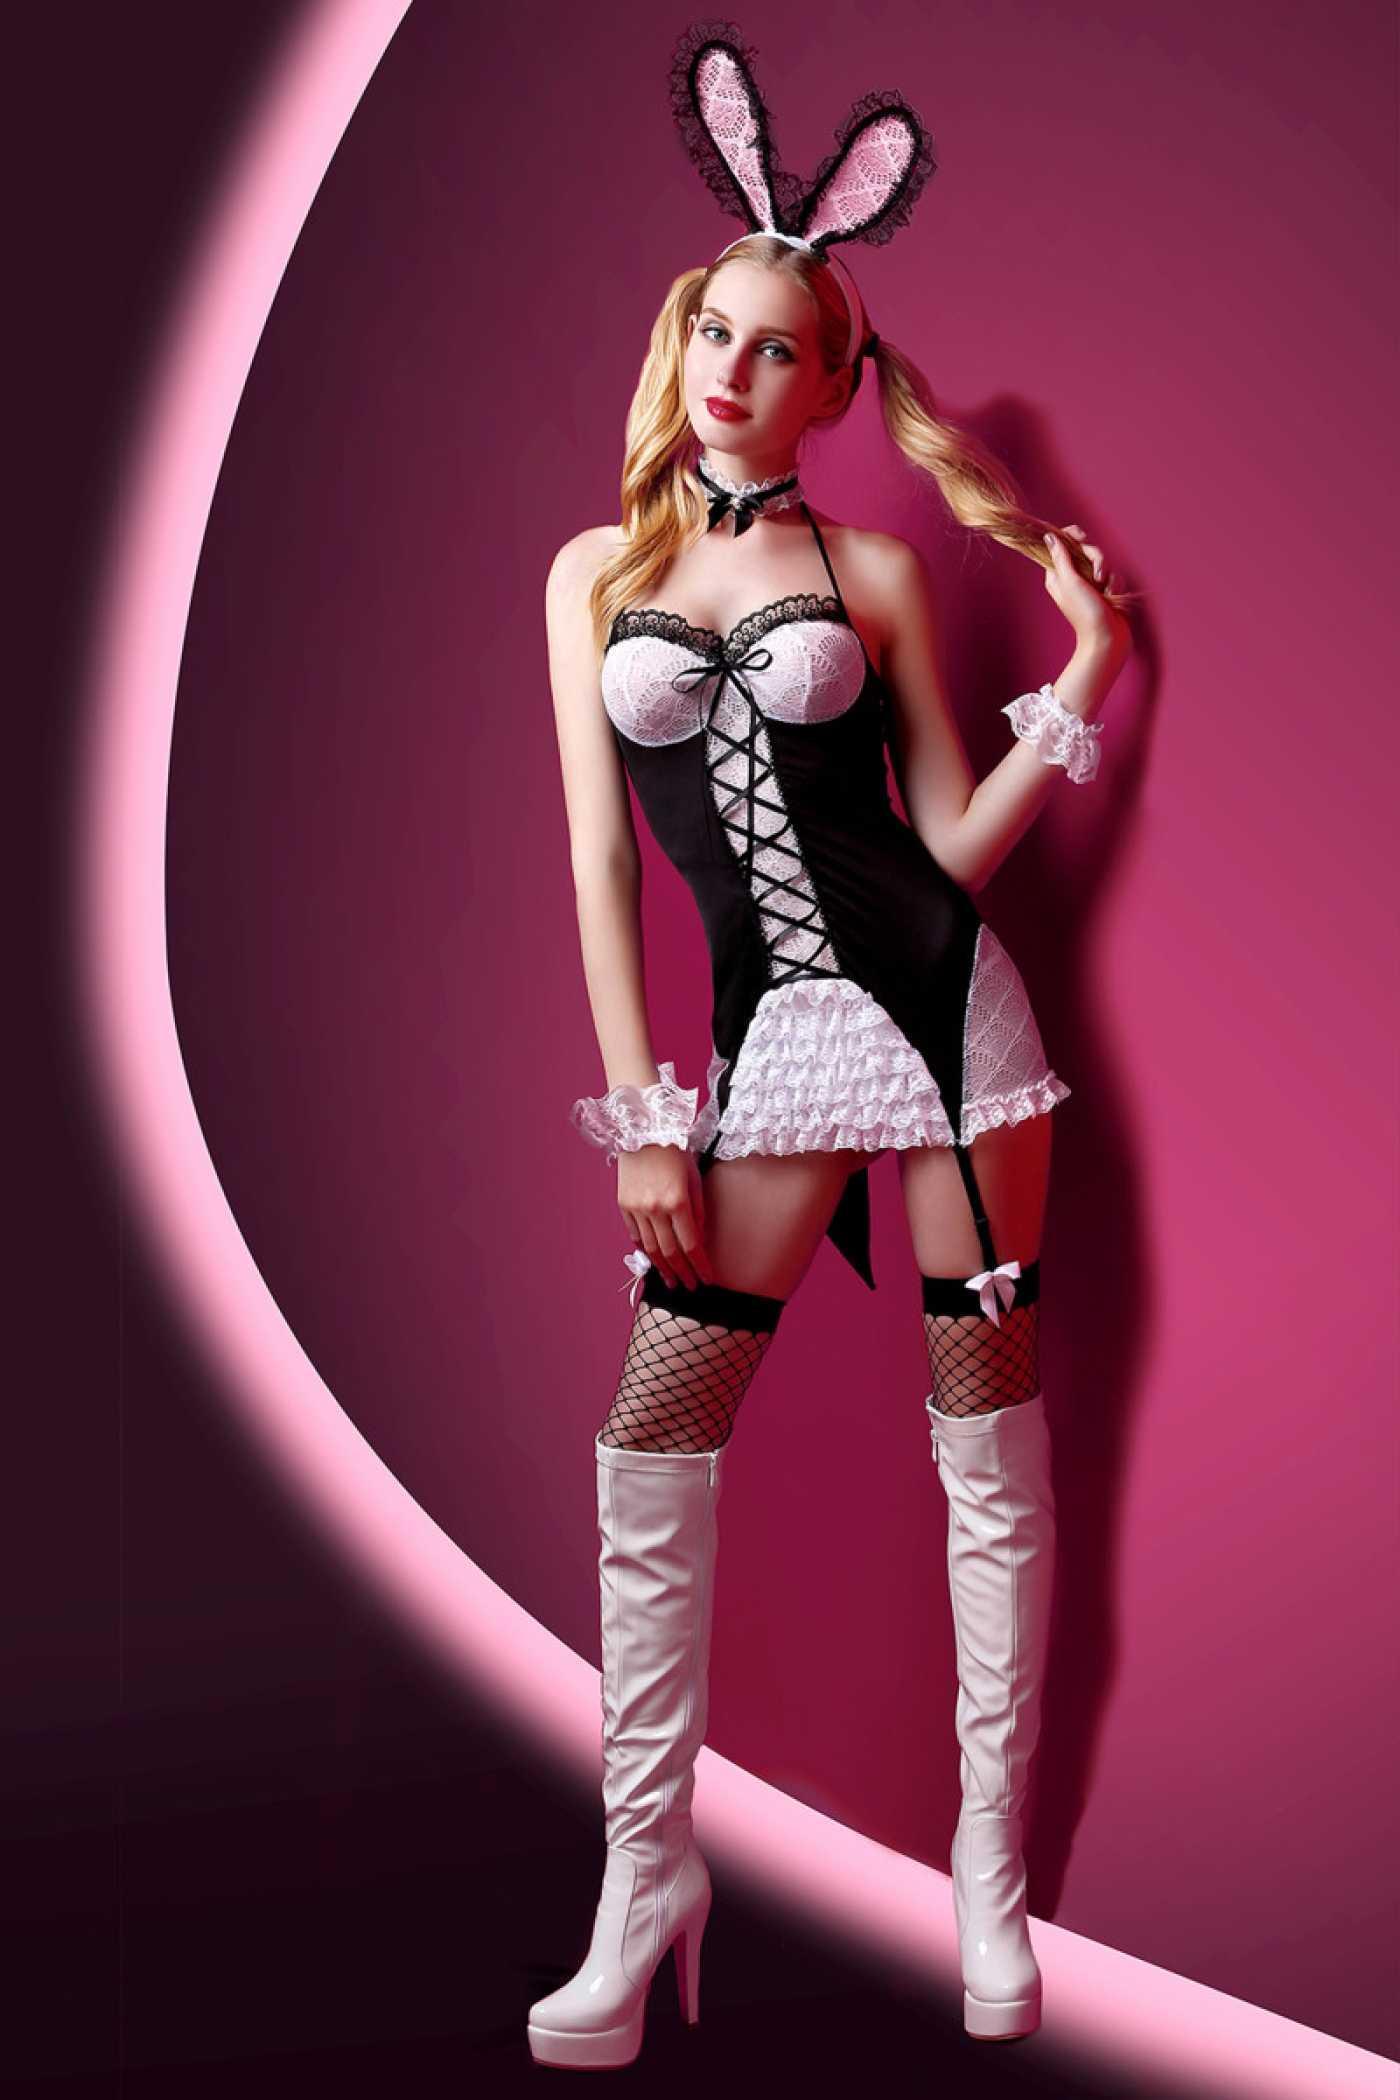 Костюм зайки Candy Girl (платье с пажами,трусы,головной убор,галстук,чулки,манжеты)